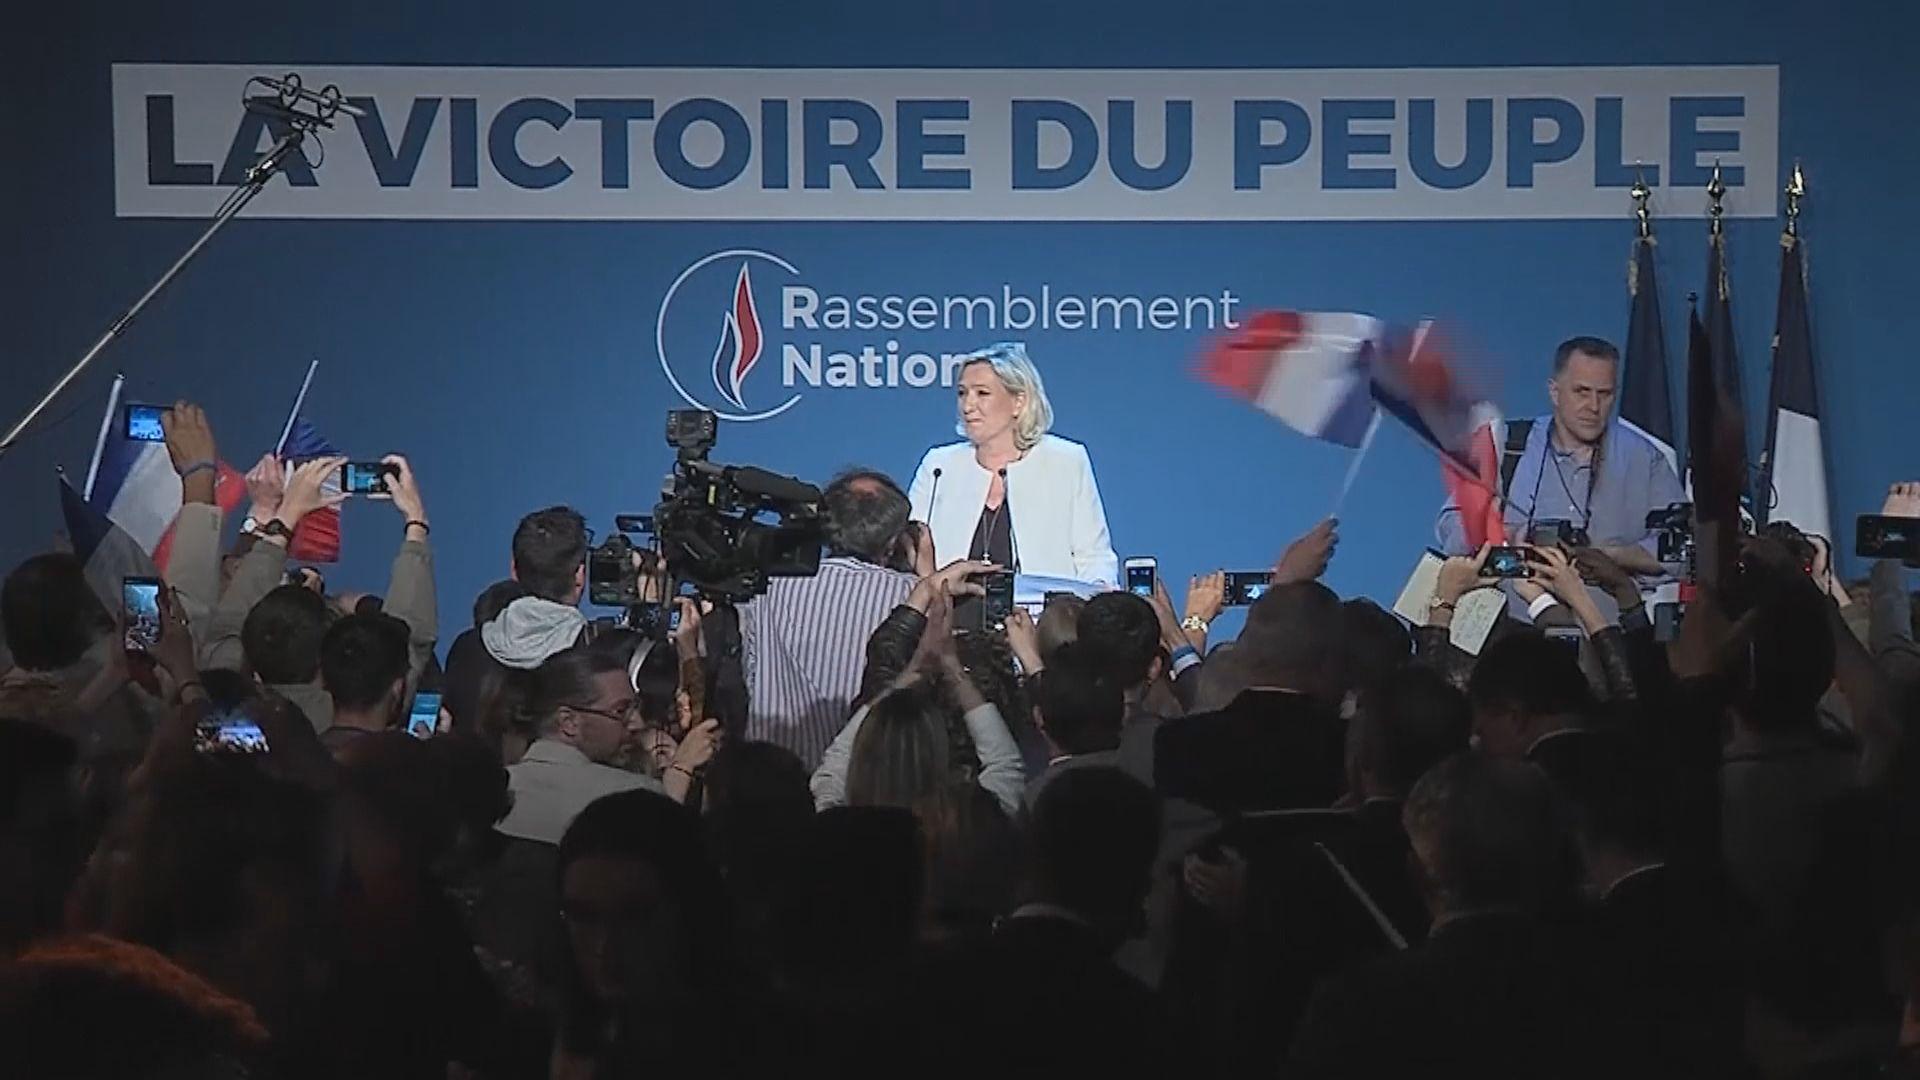 歐洲議會選舉 疑歐派和極右政黨議席有進帳